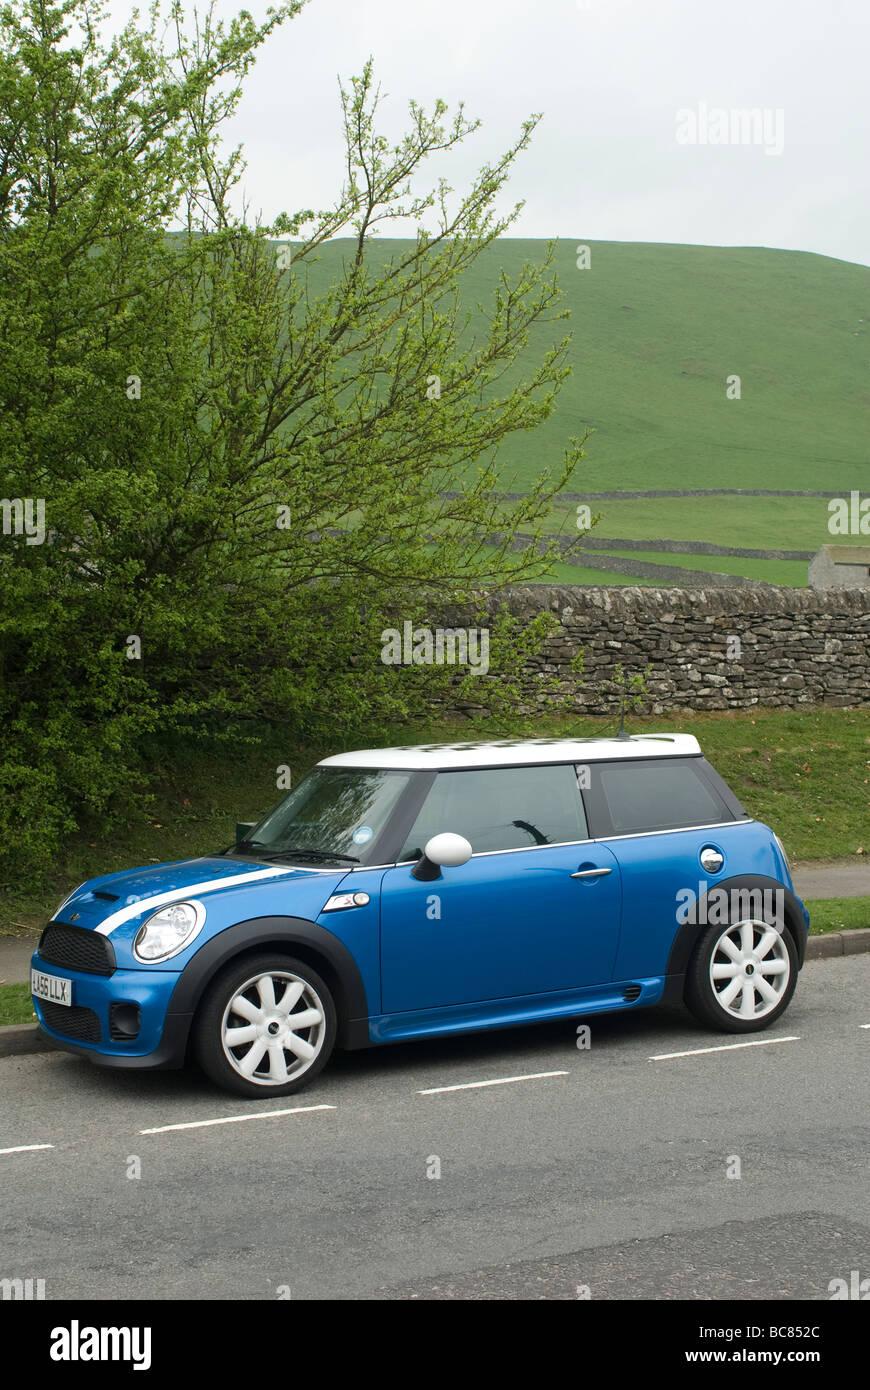 Blue Mini Cooper S coche aparcado al lado de la carretera en un pueblo de la campiña inglesa Imagen De Stock